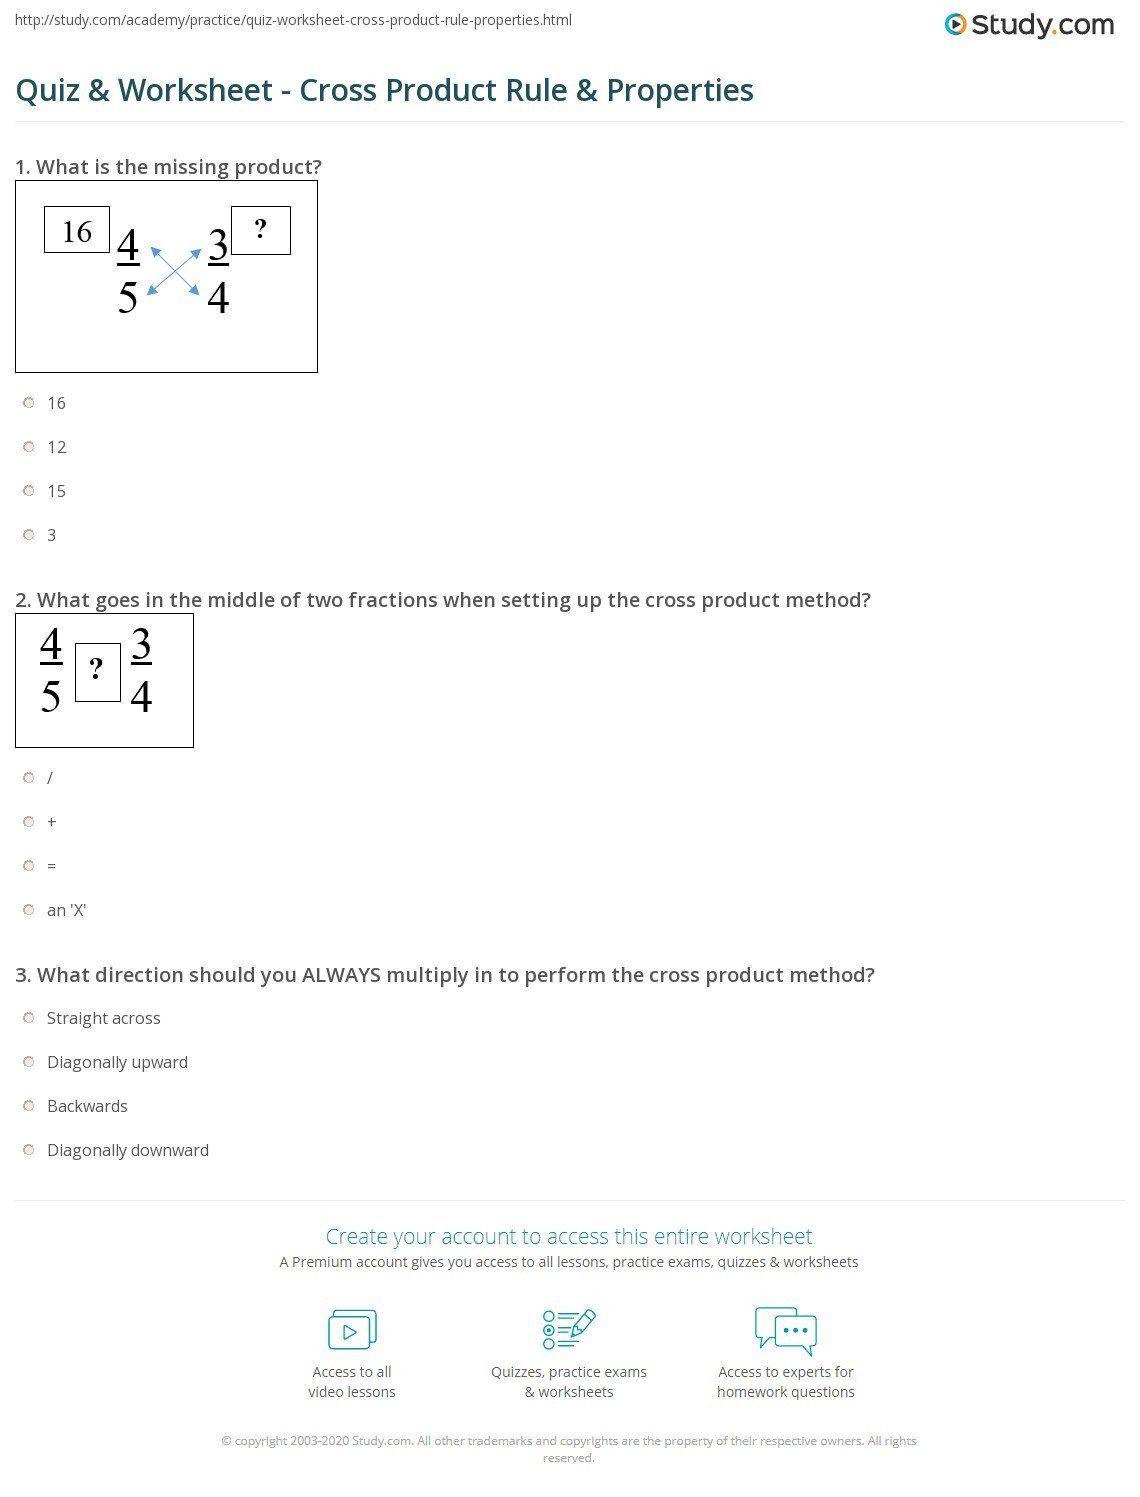 Zero Product Property Worksheet Quiz Worksheet Cross Product Rule Propertie In 2020 Money Math Worksheets Writing Practice Worksheets Kindergarten Money Worksheets [ 1497 x 1140 Pixel ]